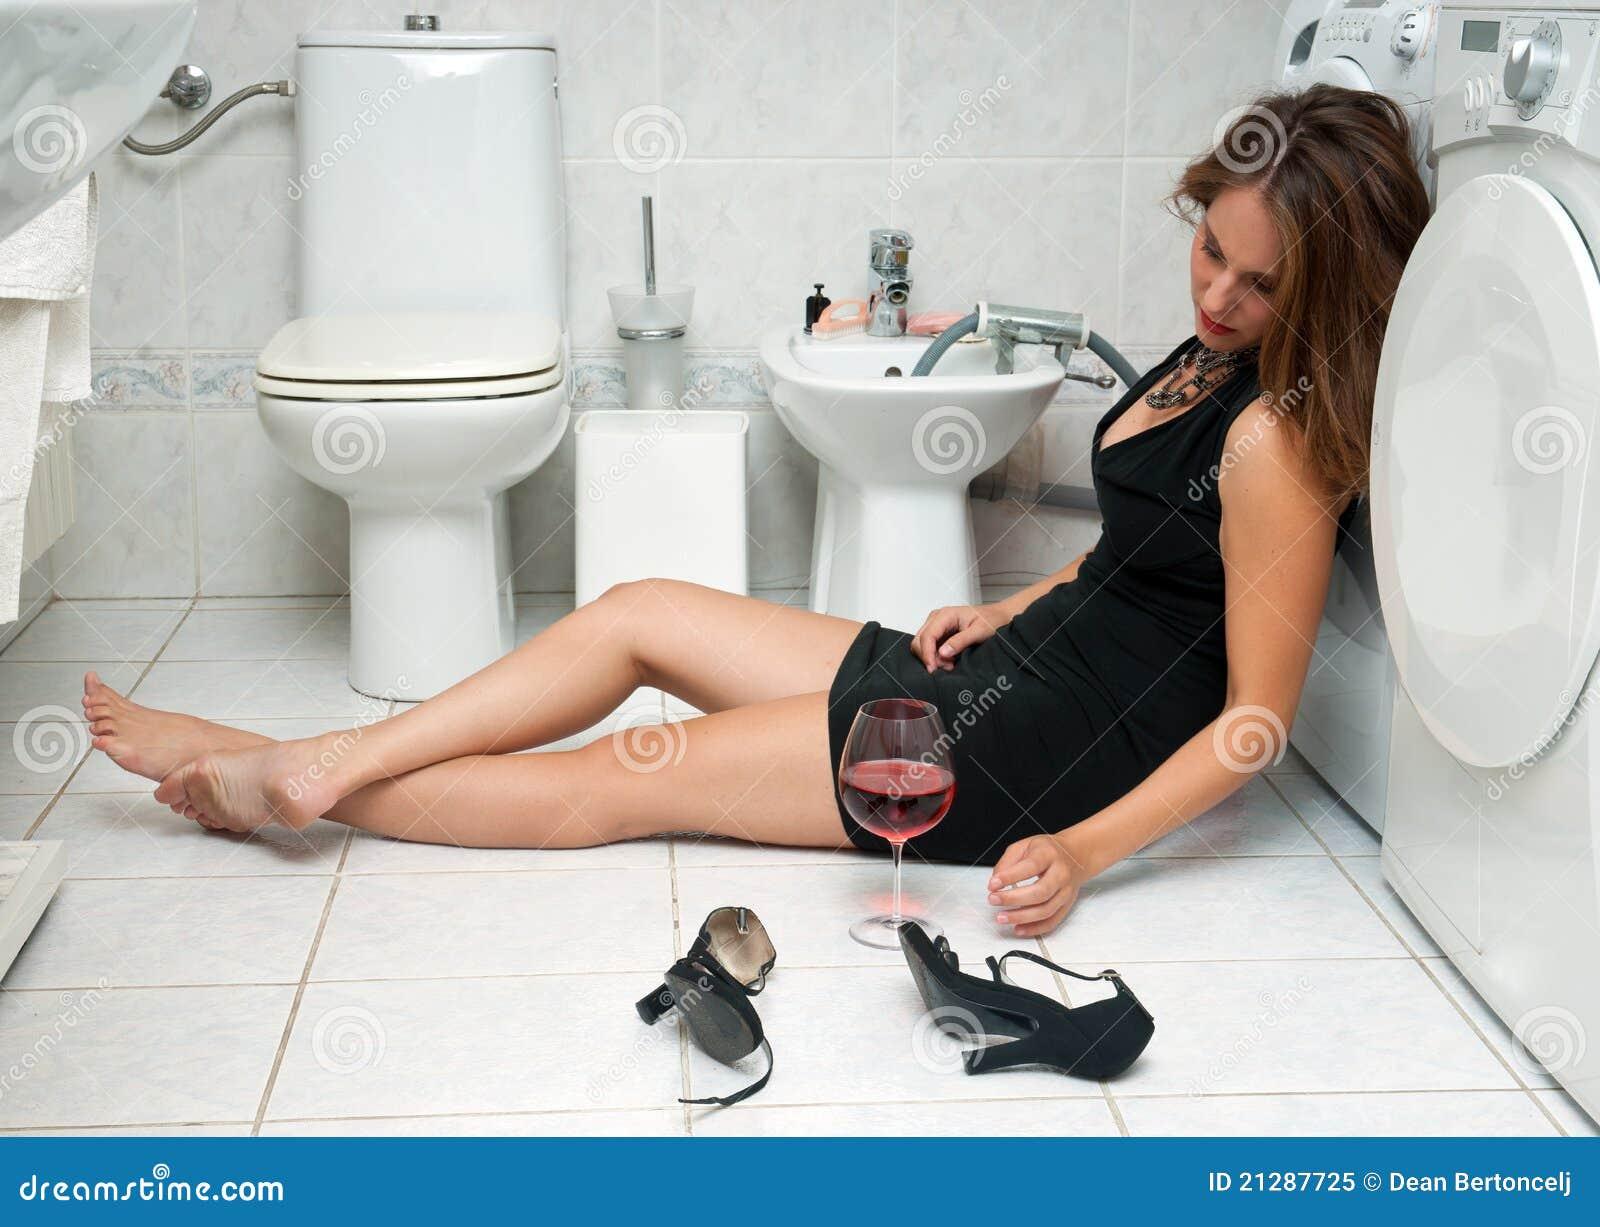 Сильно пьяная женщина 24 фотография